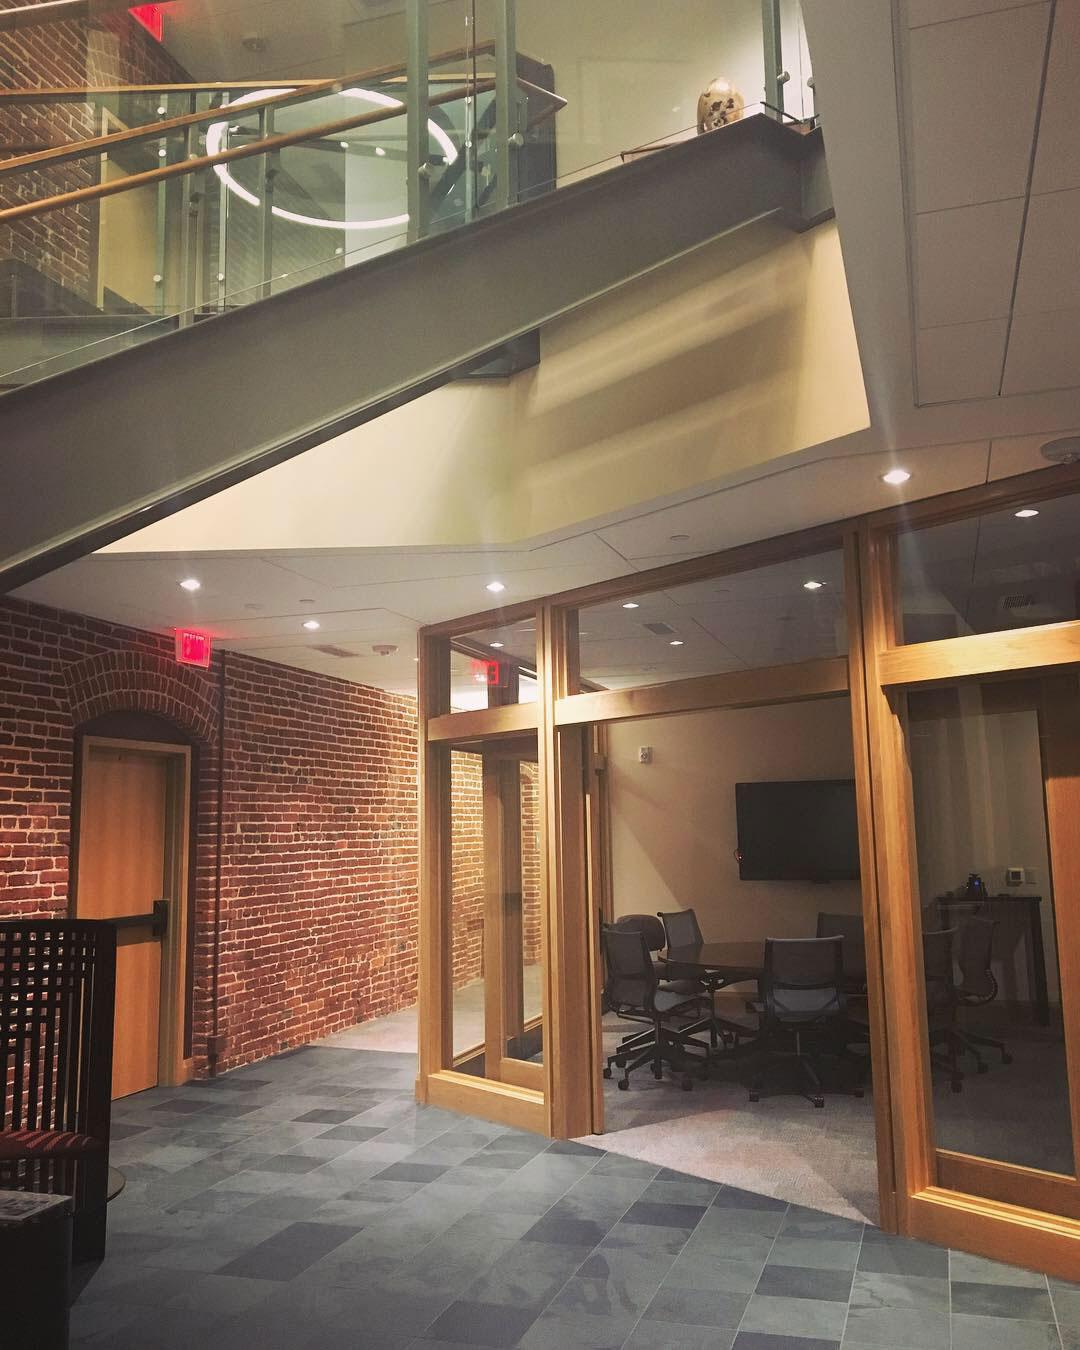 grg-building-interior-office.jpg